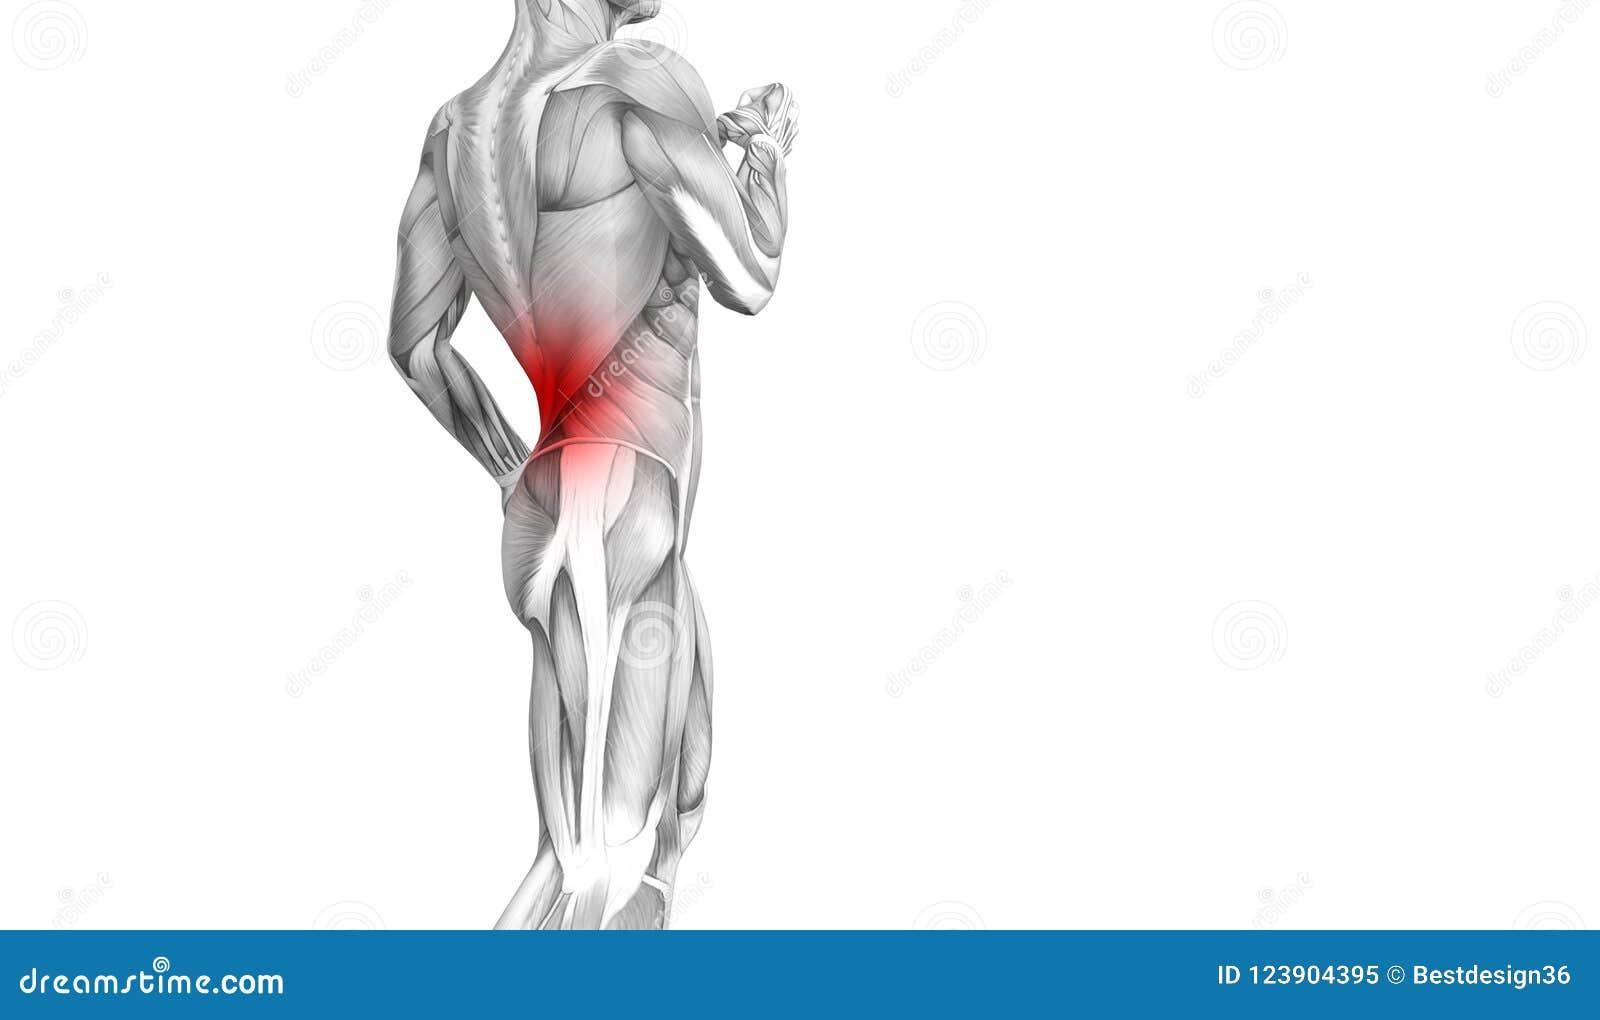 Engodo da terapia dos cuidados médicos da dor articular articulaa ou da espinha da inflamação humana traseira do hot spot da anat